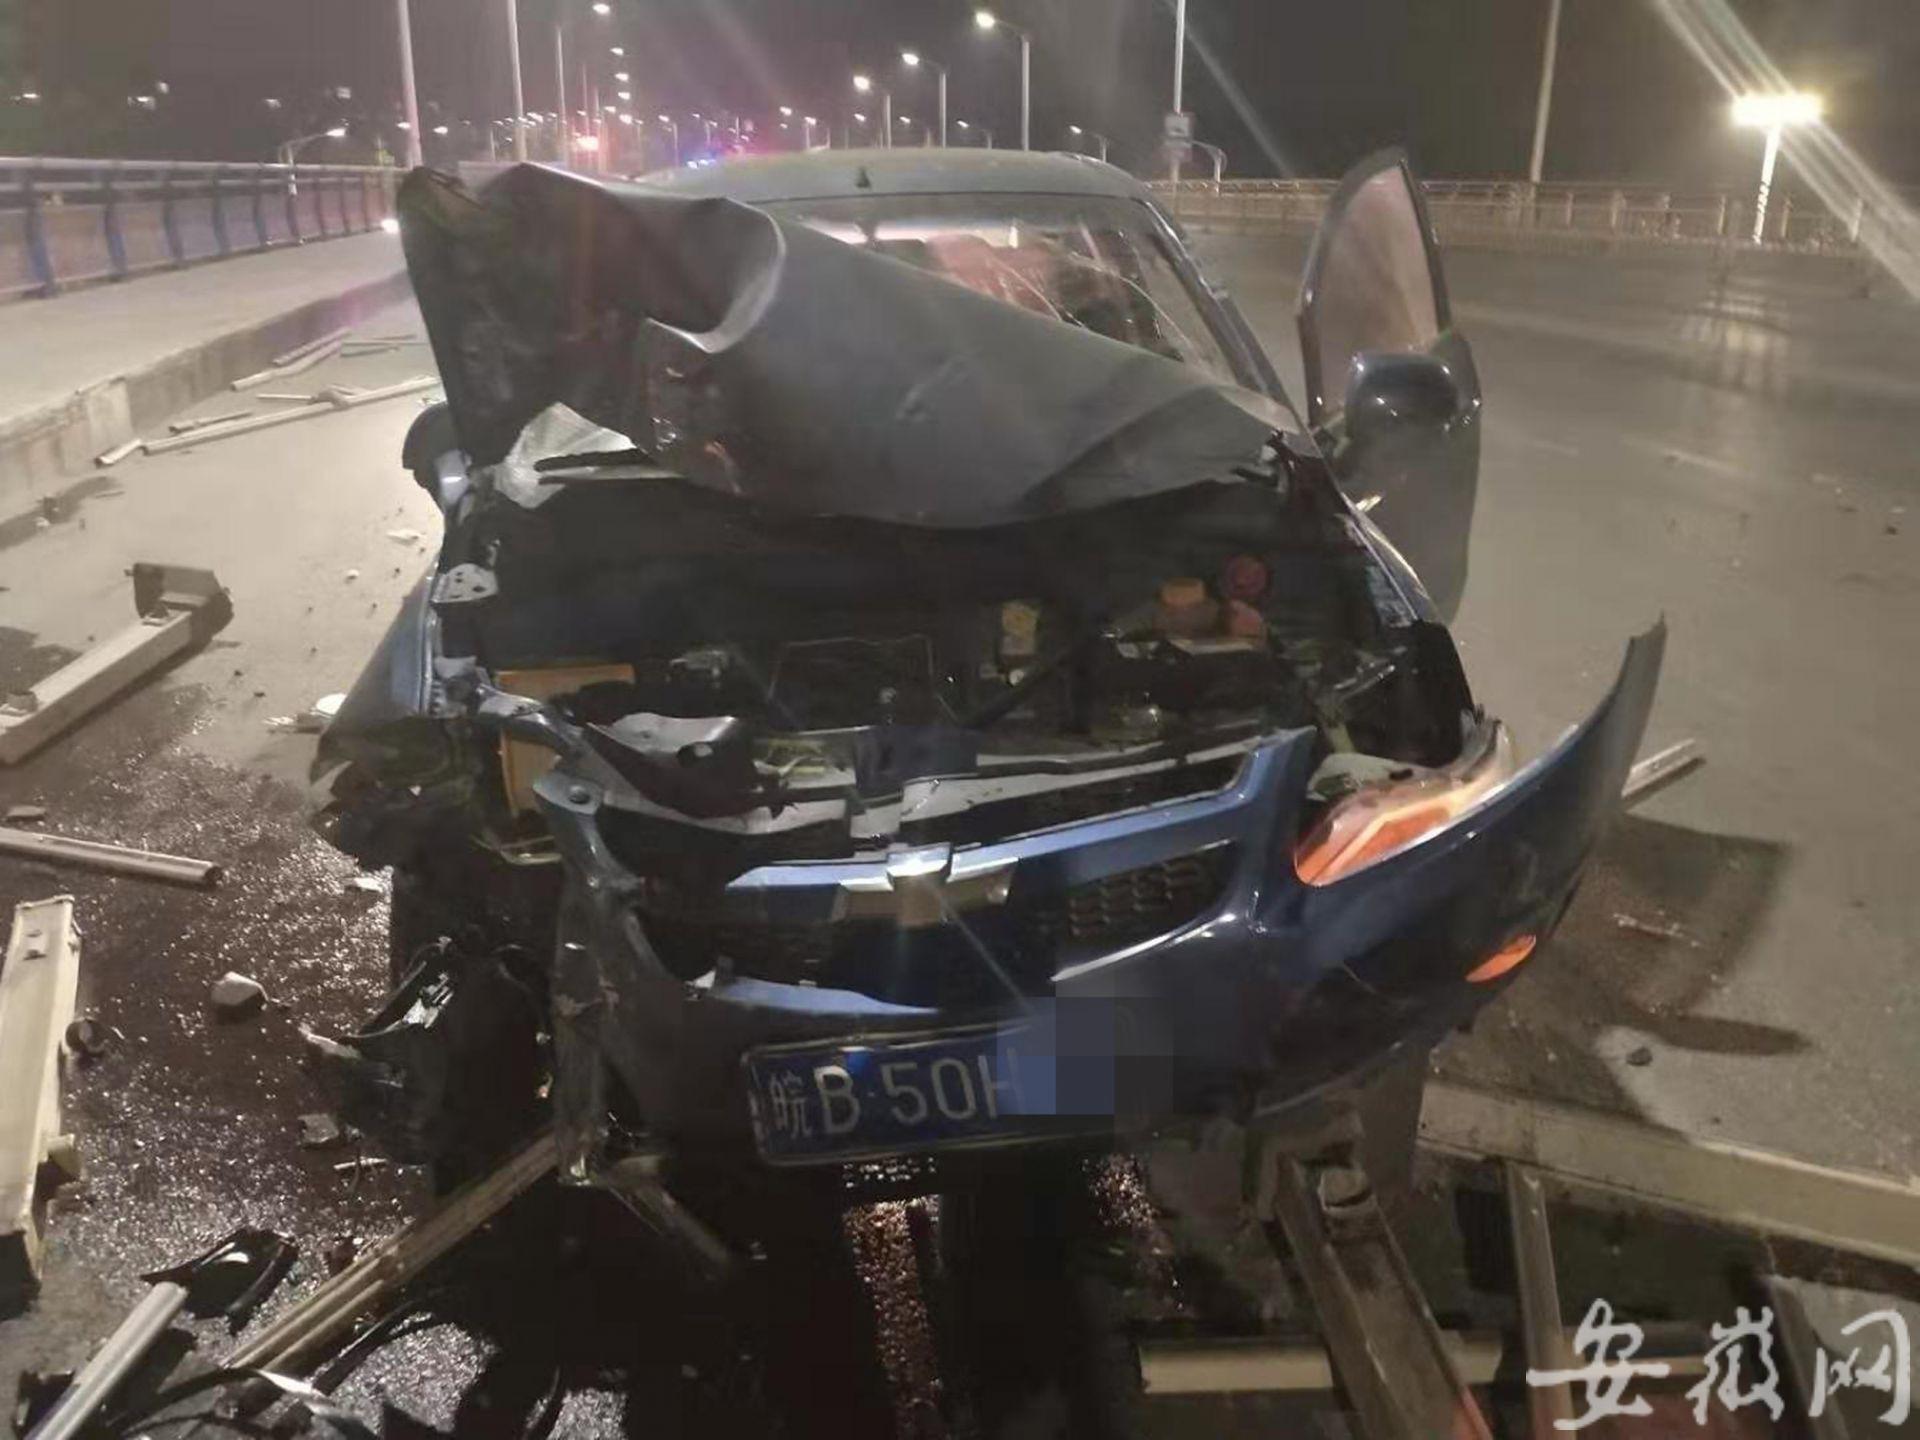 安徽一男子疲劳驾驶撞护栏 车辆几乎撞报废